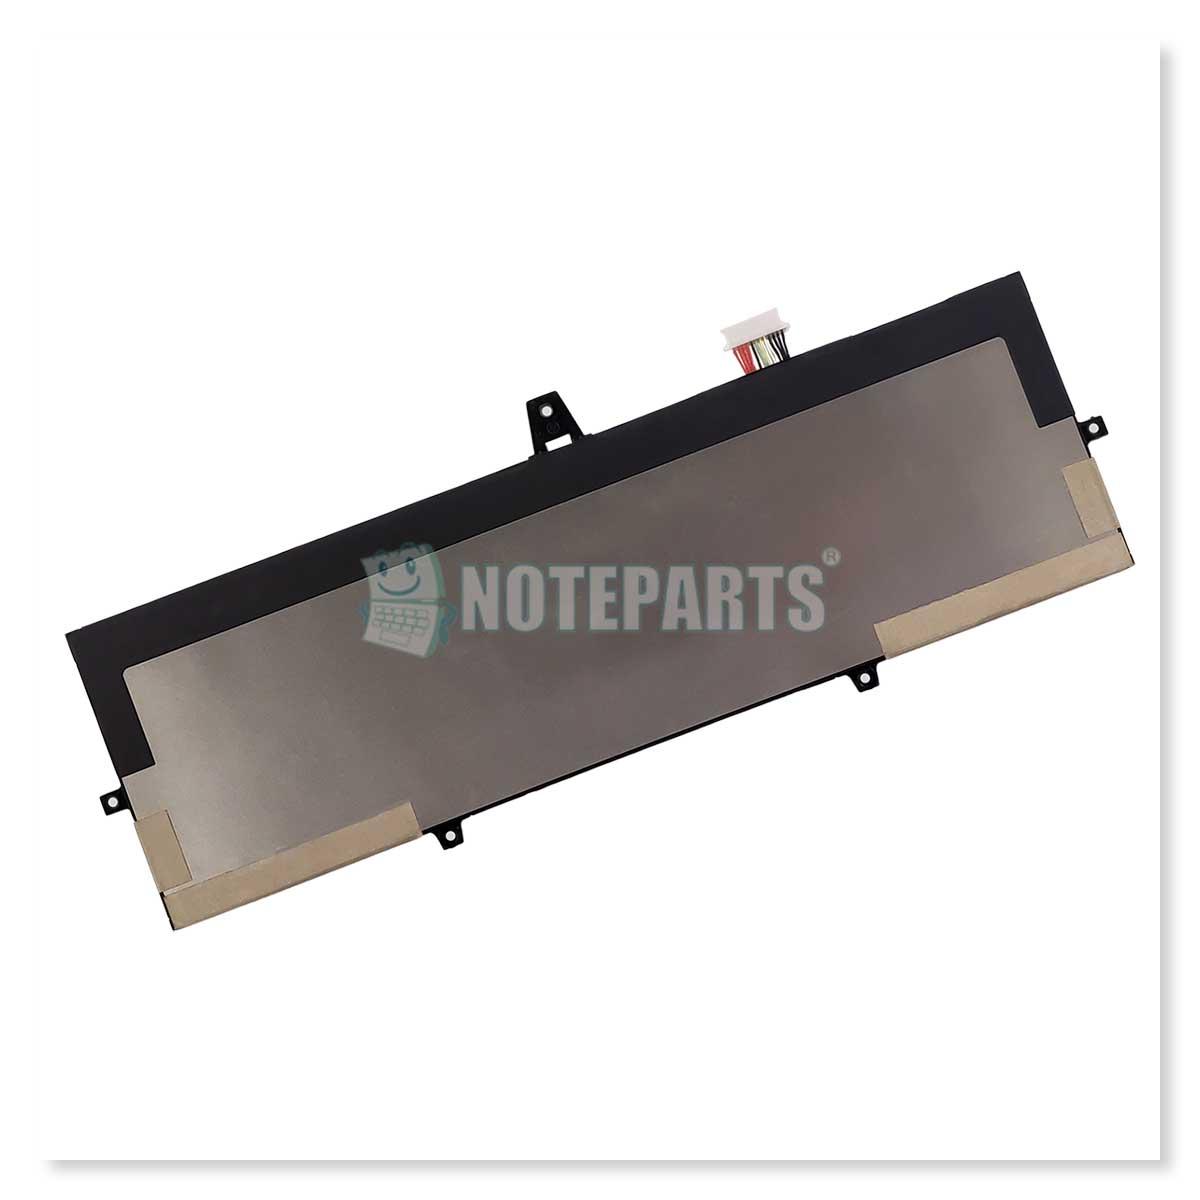 HP純正 EliteBook x360 1030 G3 バッテリー 816498-1B1 BM04XL HSTNN-DB8L HSTNN-IB7F